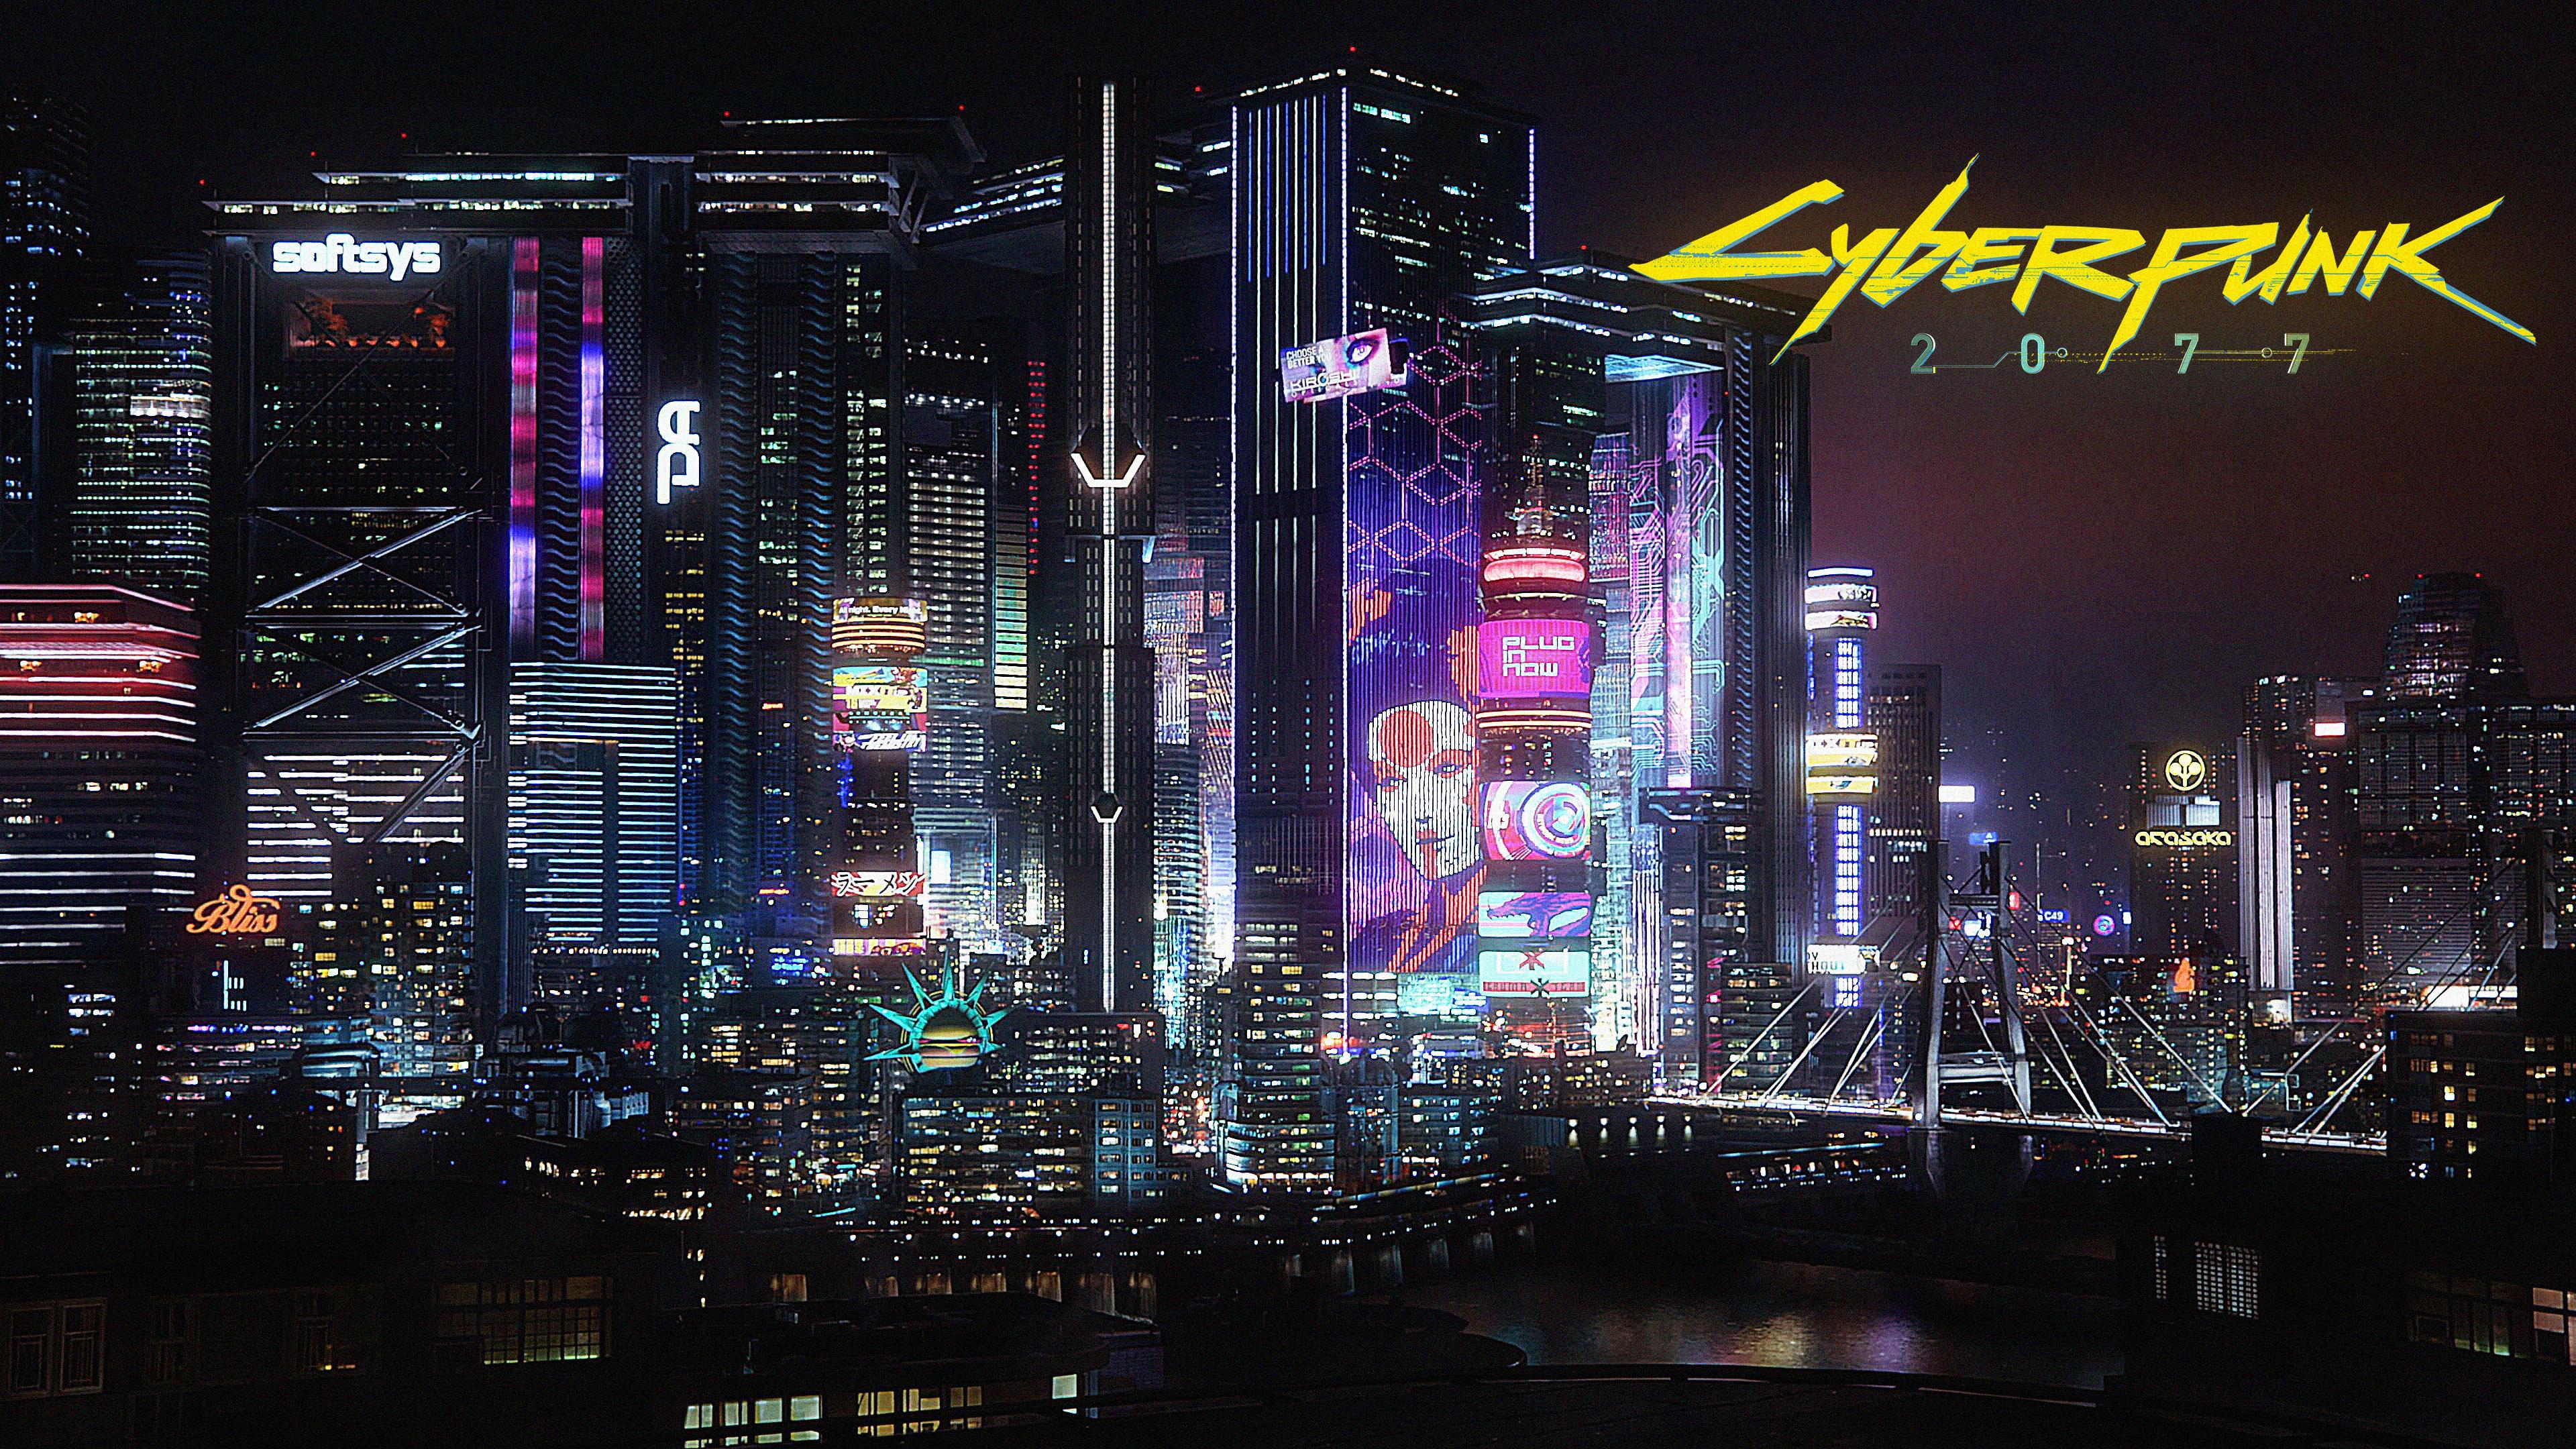 2019 Cyberpunk 2077 Wallpapers - Wallpaper Cave